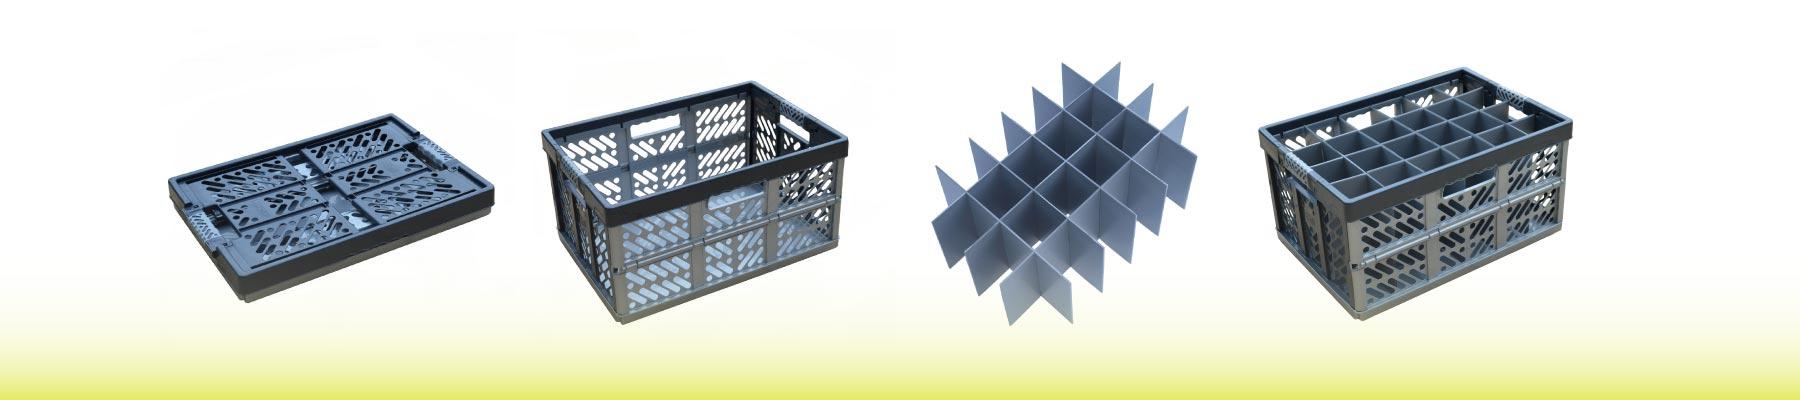 Eurocrate-Folding-Glassware-Storage-Box-Hampshire